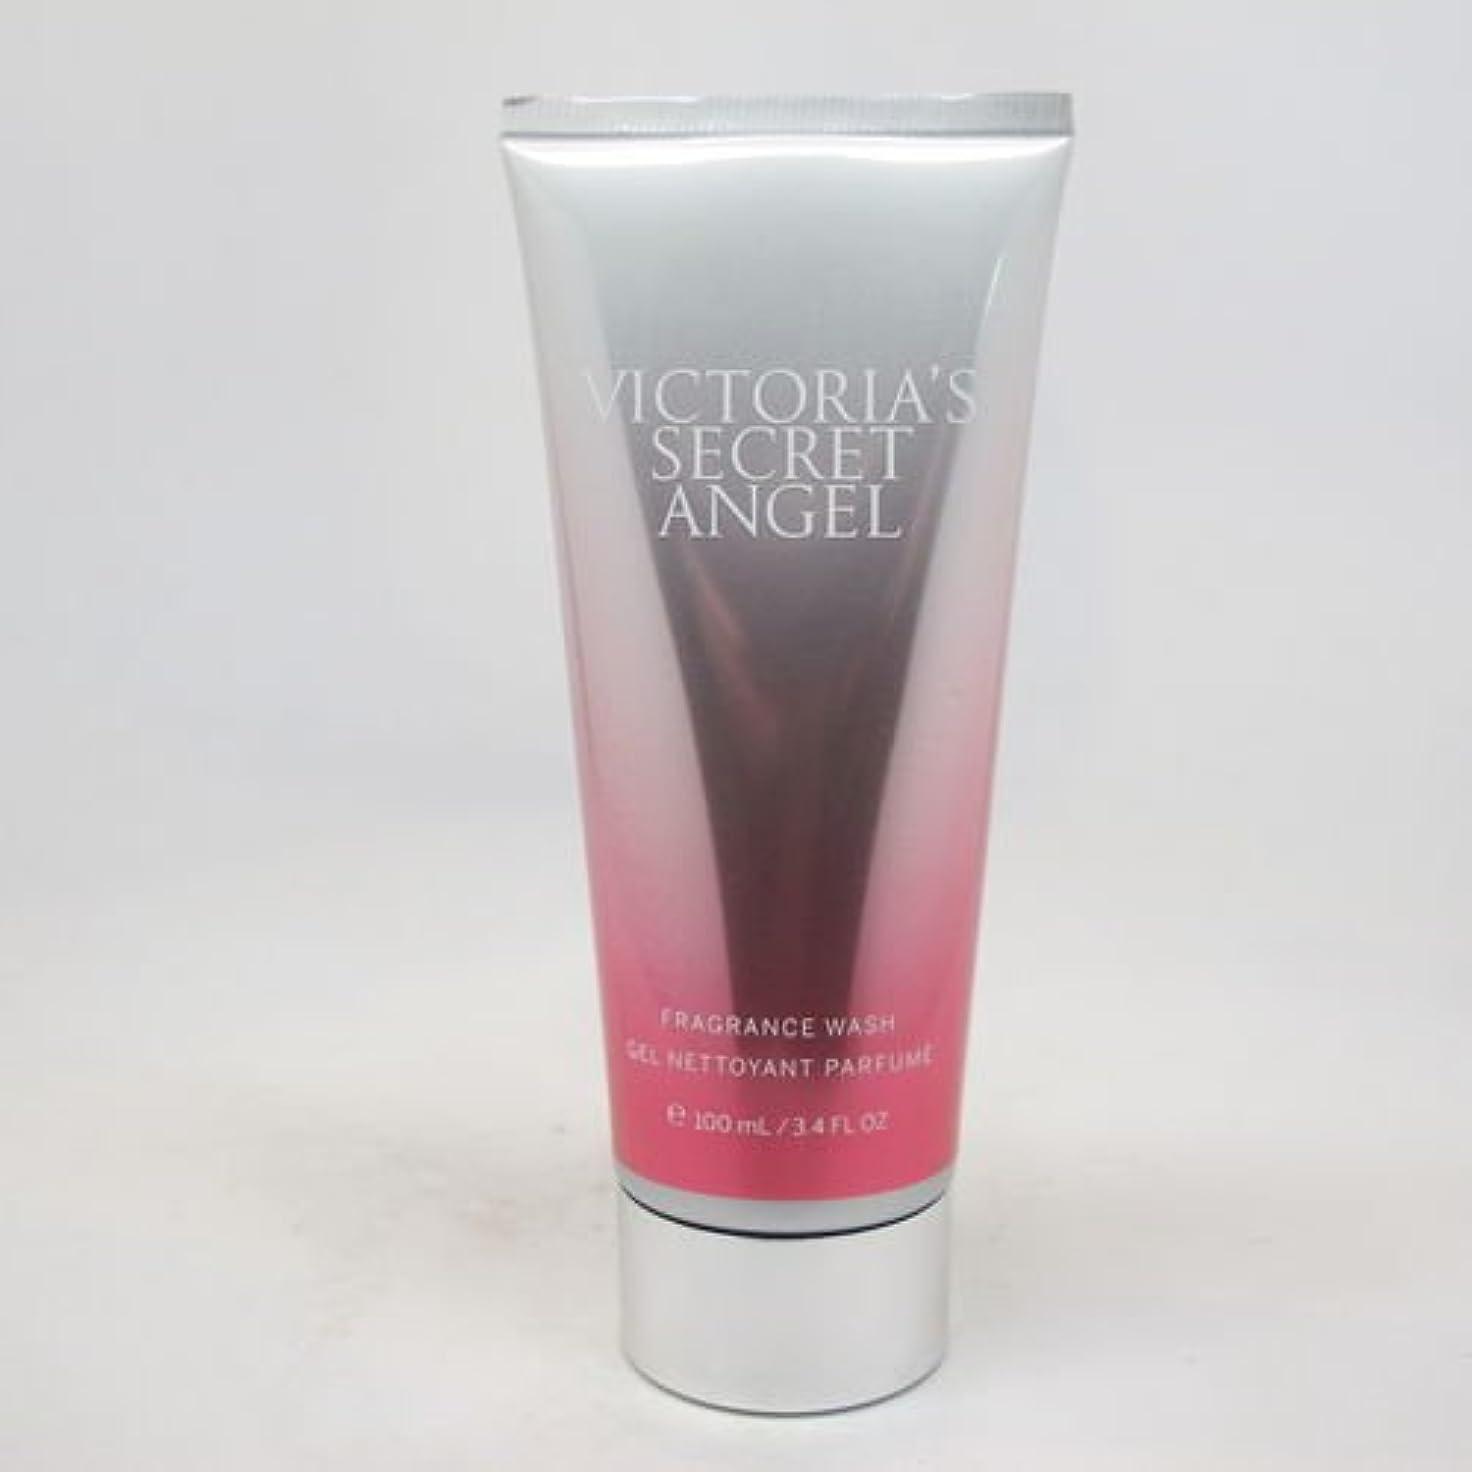 テーブルを設定する同化するキャラクターVictoria's Secret Angel (ヴィクトリアシークレット エンジェル) 3.4 oz (100ml) Body Wash for Women